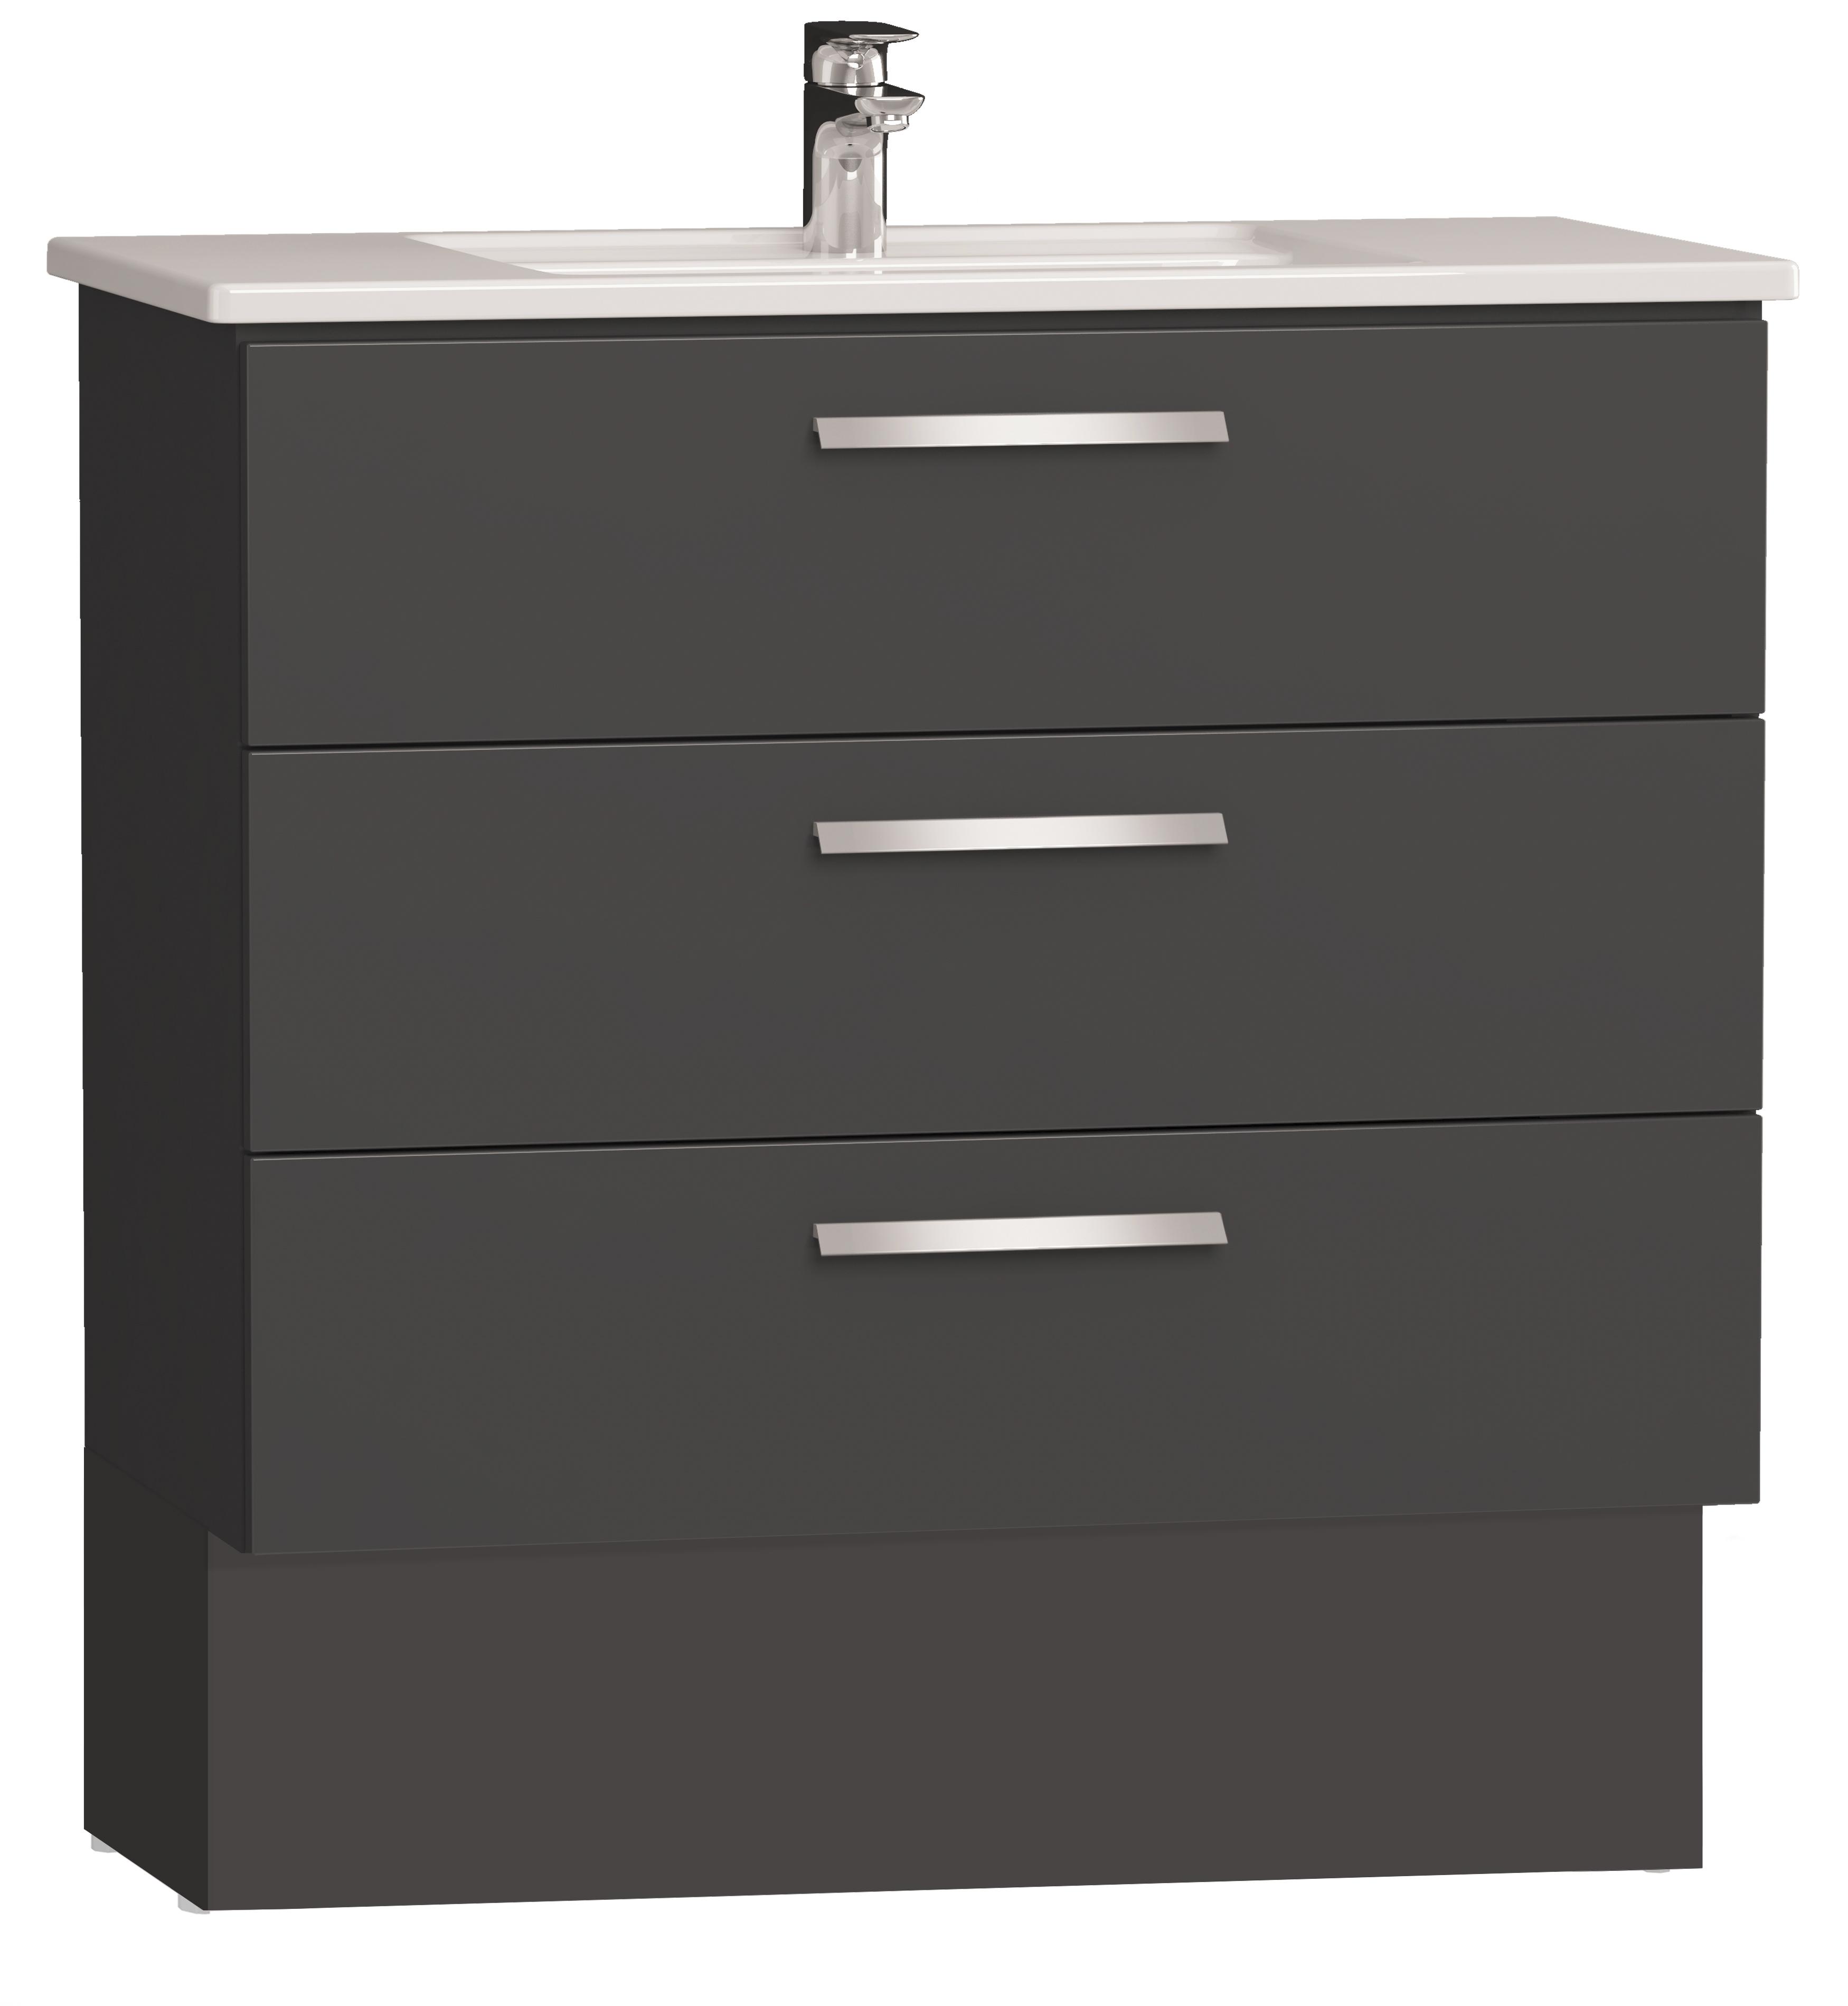 Integra socle pour meuble avec plan céramique et trois tiroirs, 90 cm, anthraciteacite haute brillance